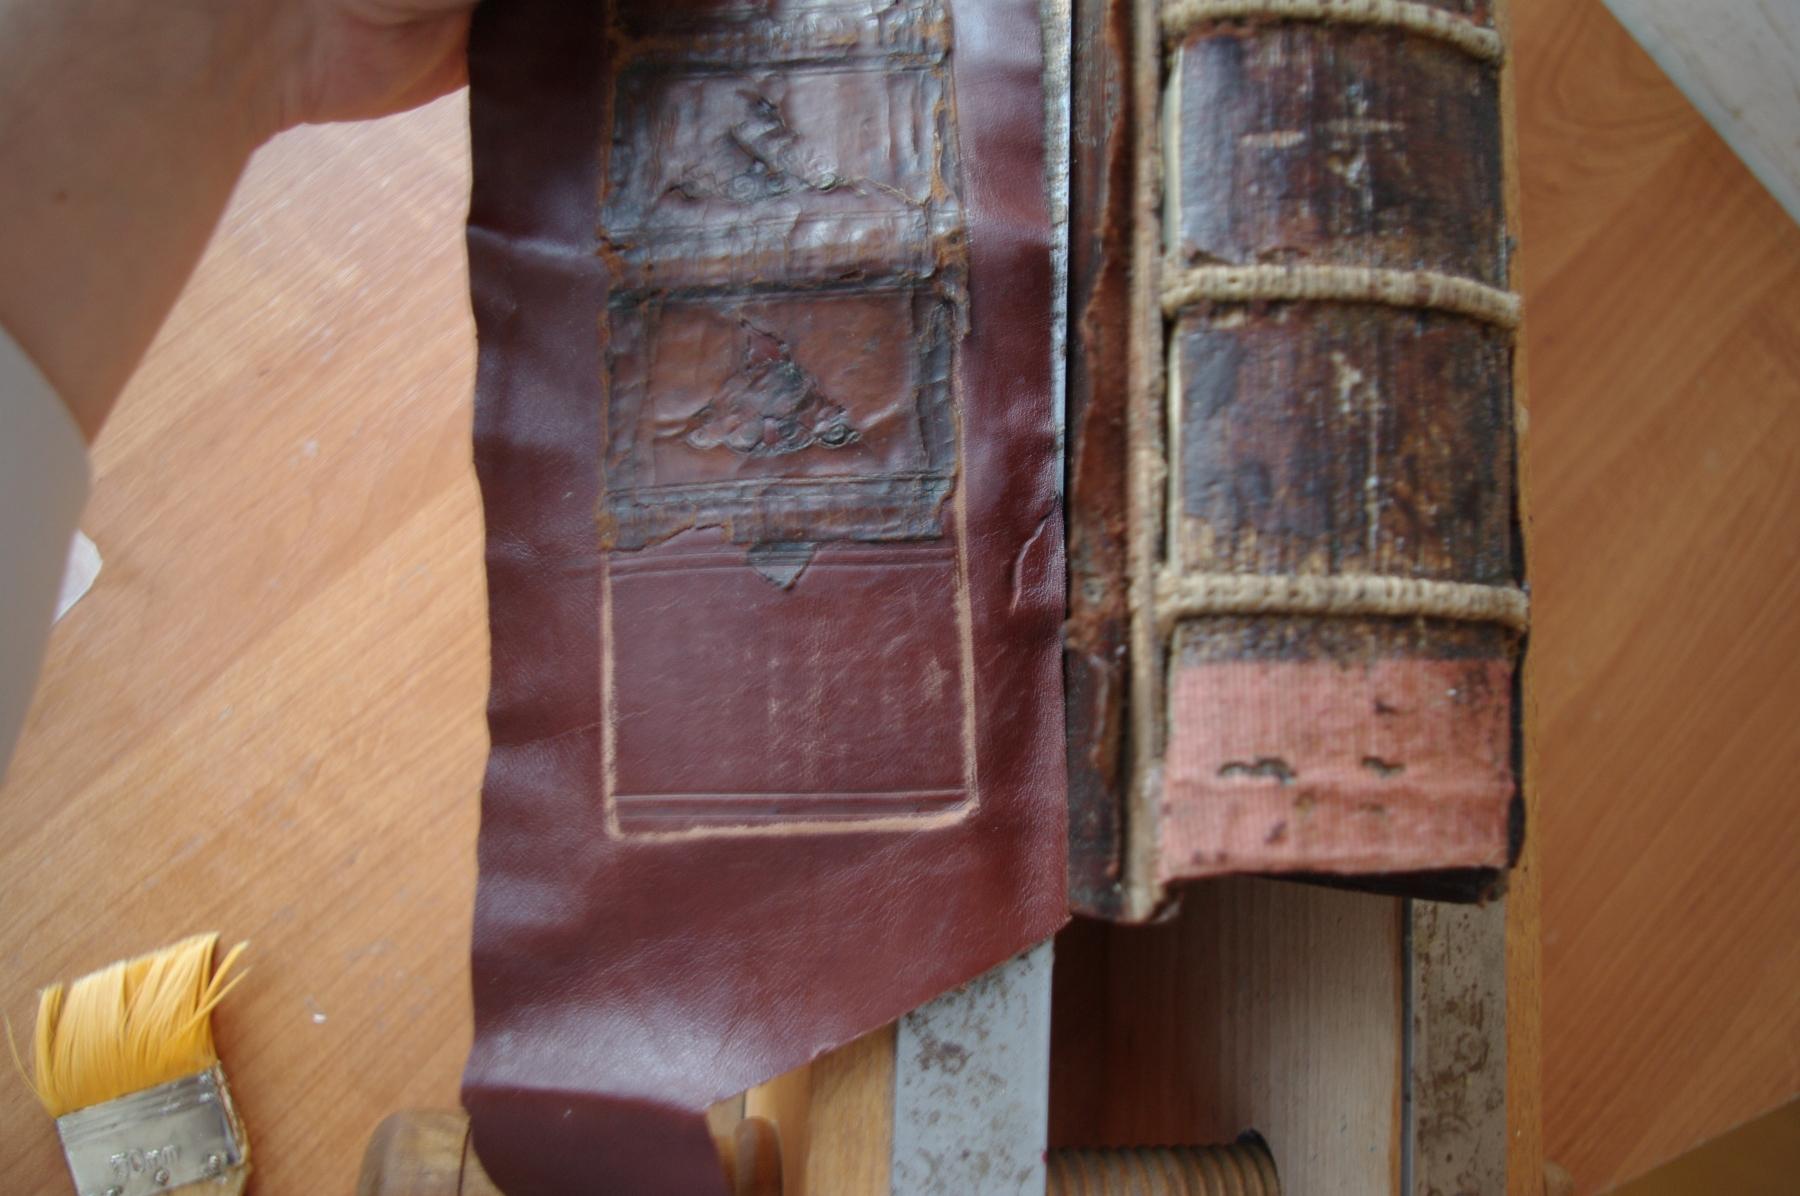 Псалтирь 19 века во время реставрации. Общий вид корешка блока и дублированного корешка.